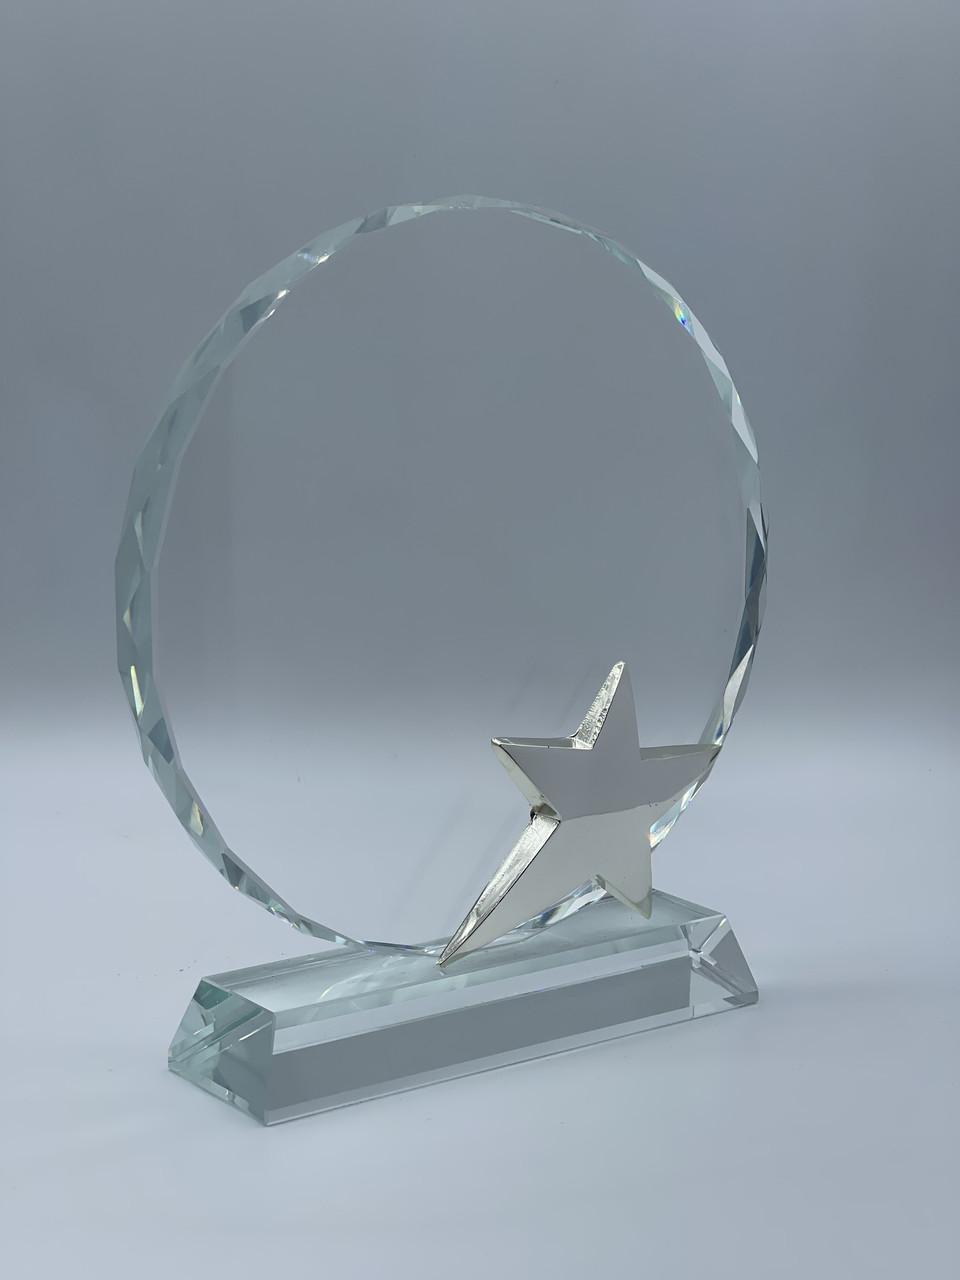 Награда из стекла, Silver